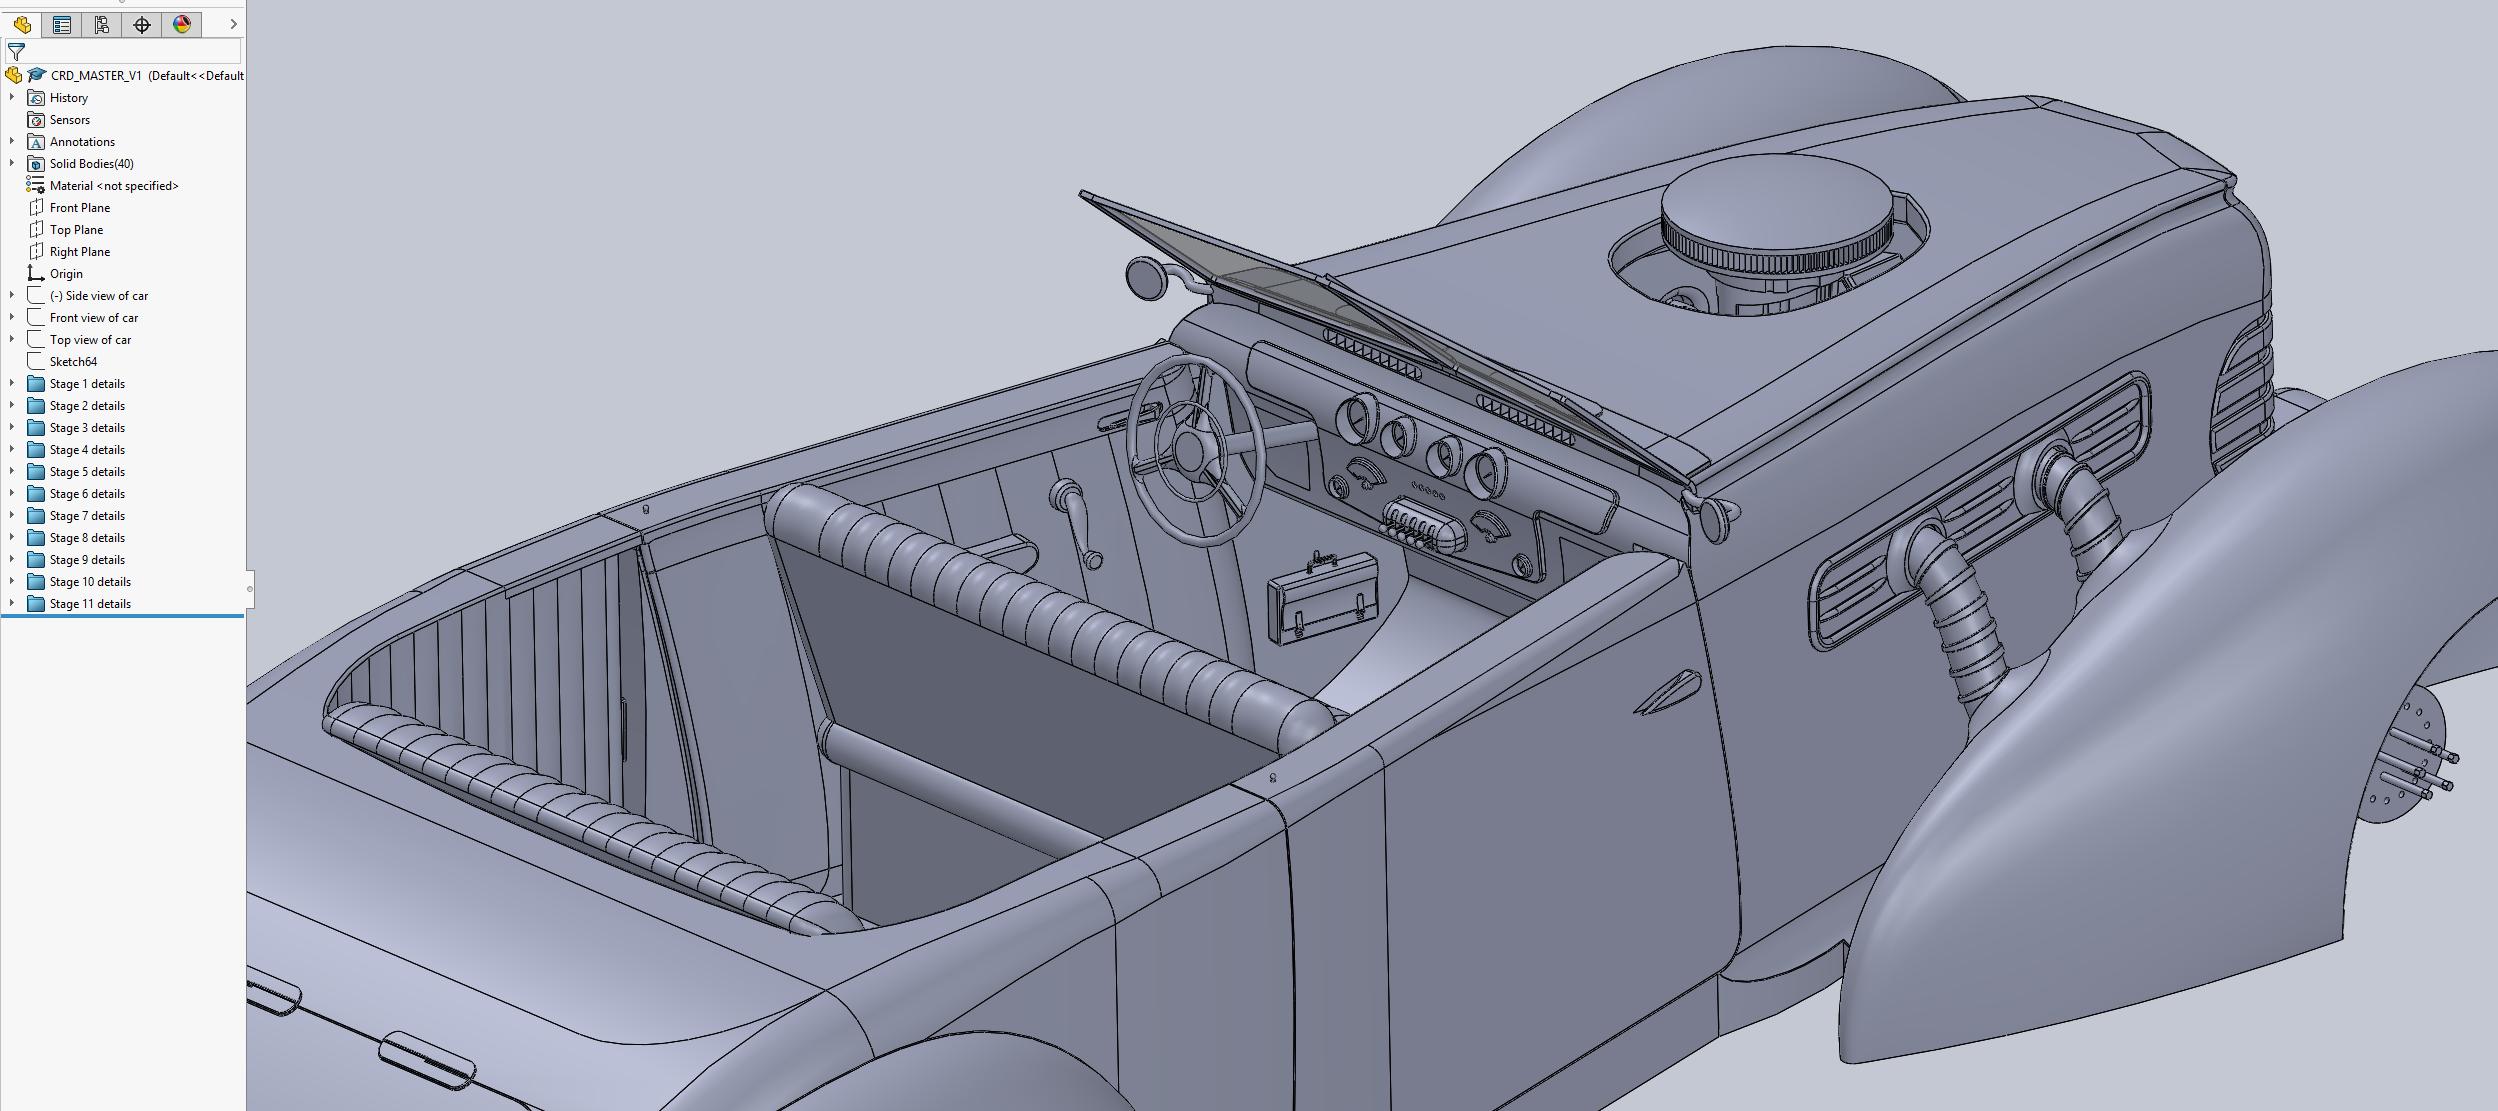 Solidworks Model 1.6